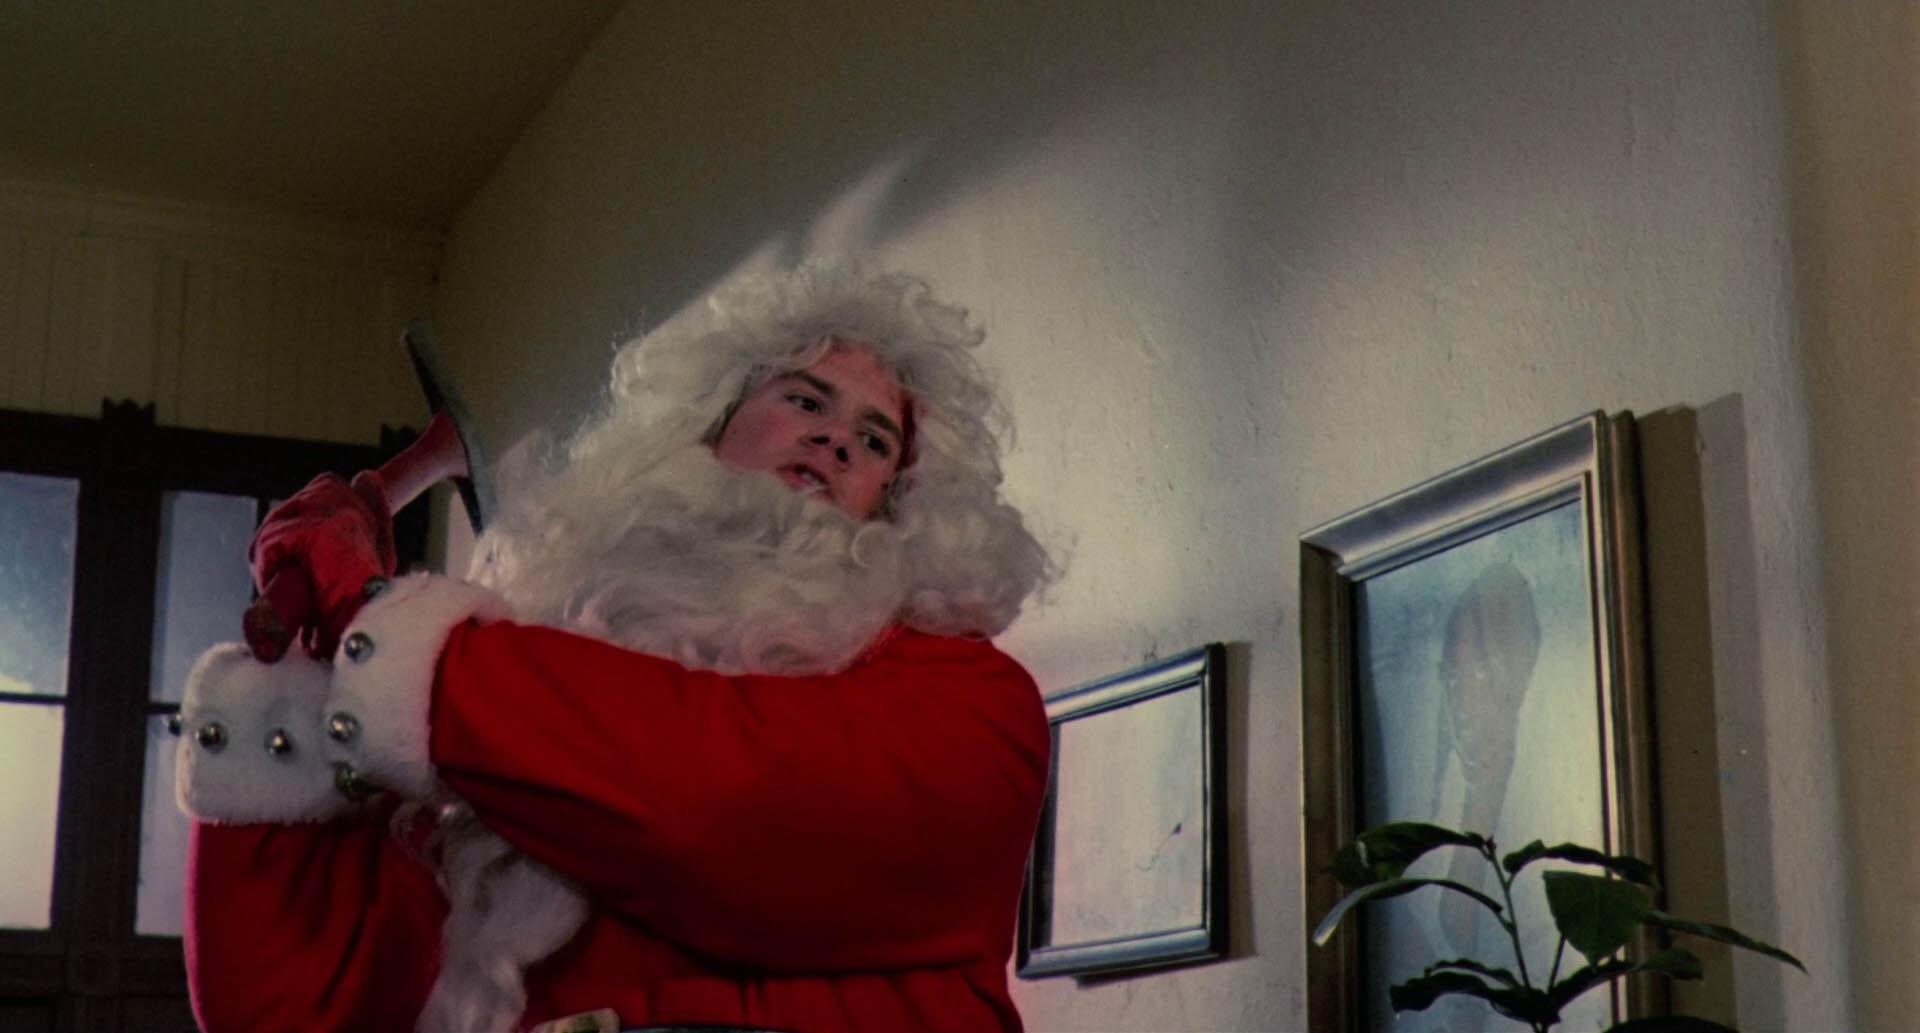 Natale e altre sciagure: 5 film esplosivi, distruttivi e catastrofici per il Natale 2020